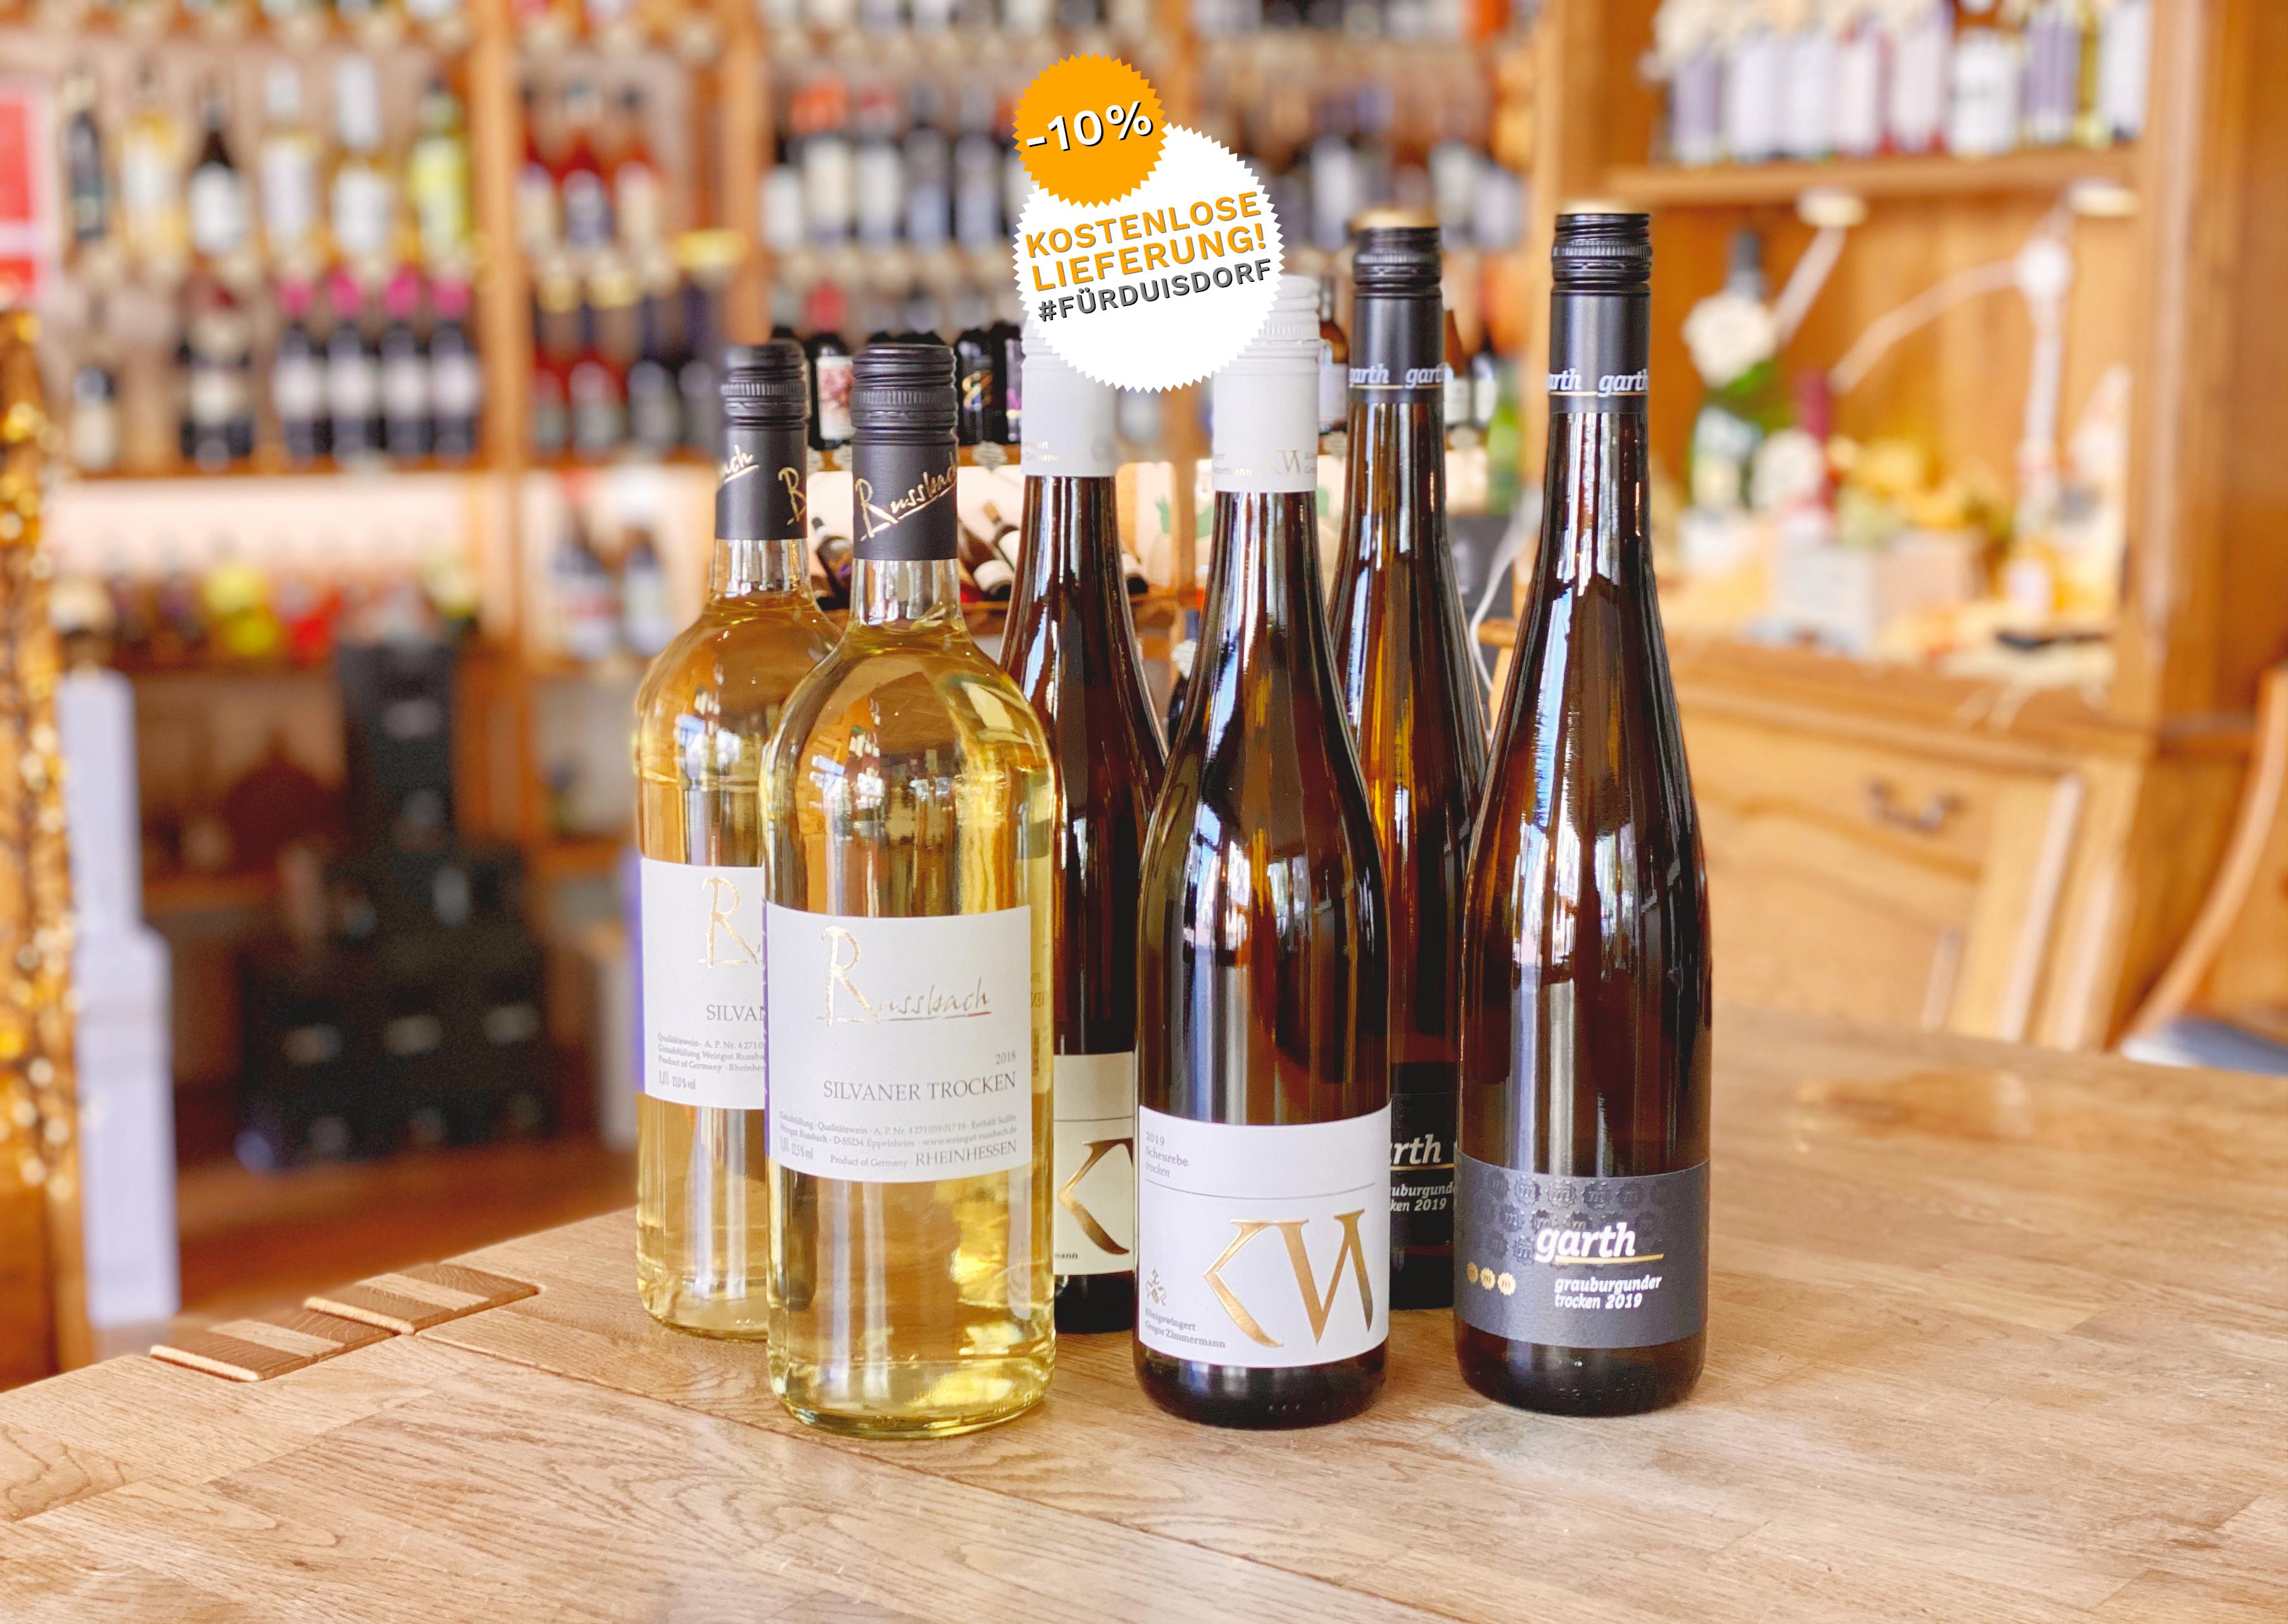 6 Flaschen Weisswein für Spargel - Weingut Garth | Russbach | Königswingert